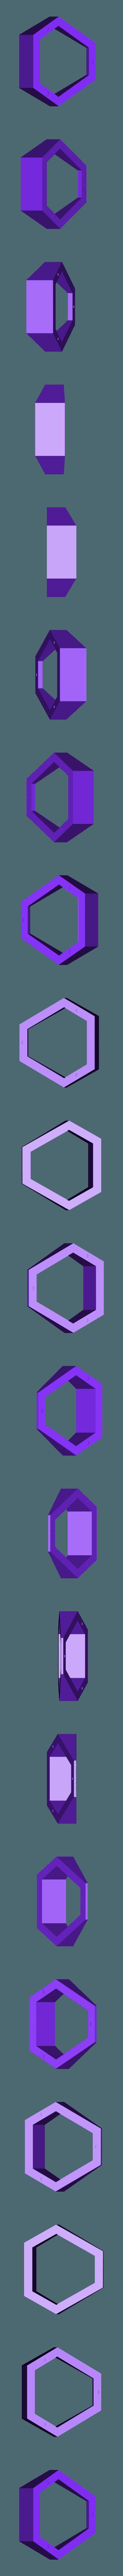 Part 2-2.stl Télécharger fichier STL gratuit Jardinières Mold béton • Modèle pour imprimante 3D, dukedoks